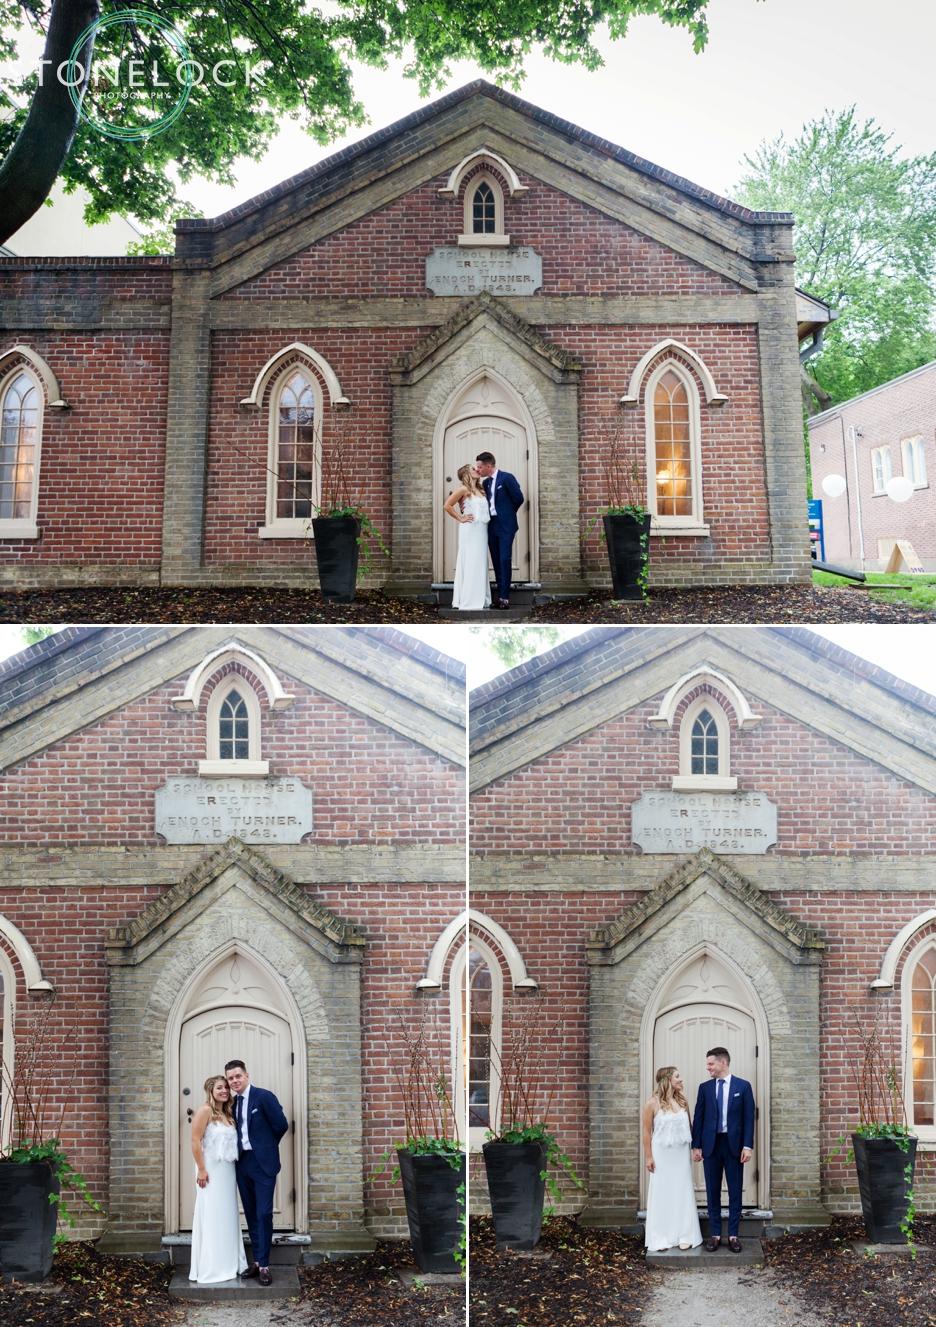 Enoch Turner School, Toronto, Canada, Wedding Photography, bride and groom